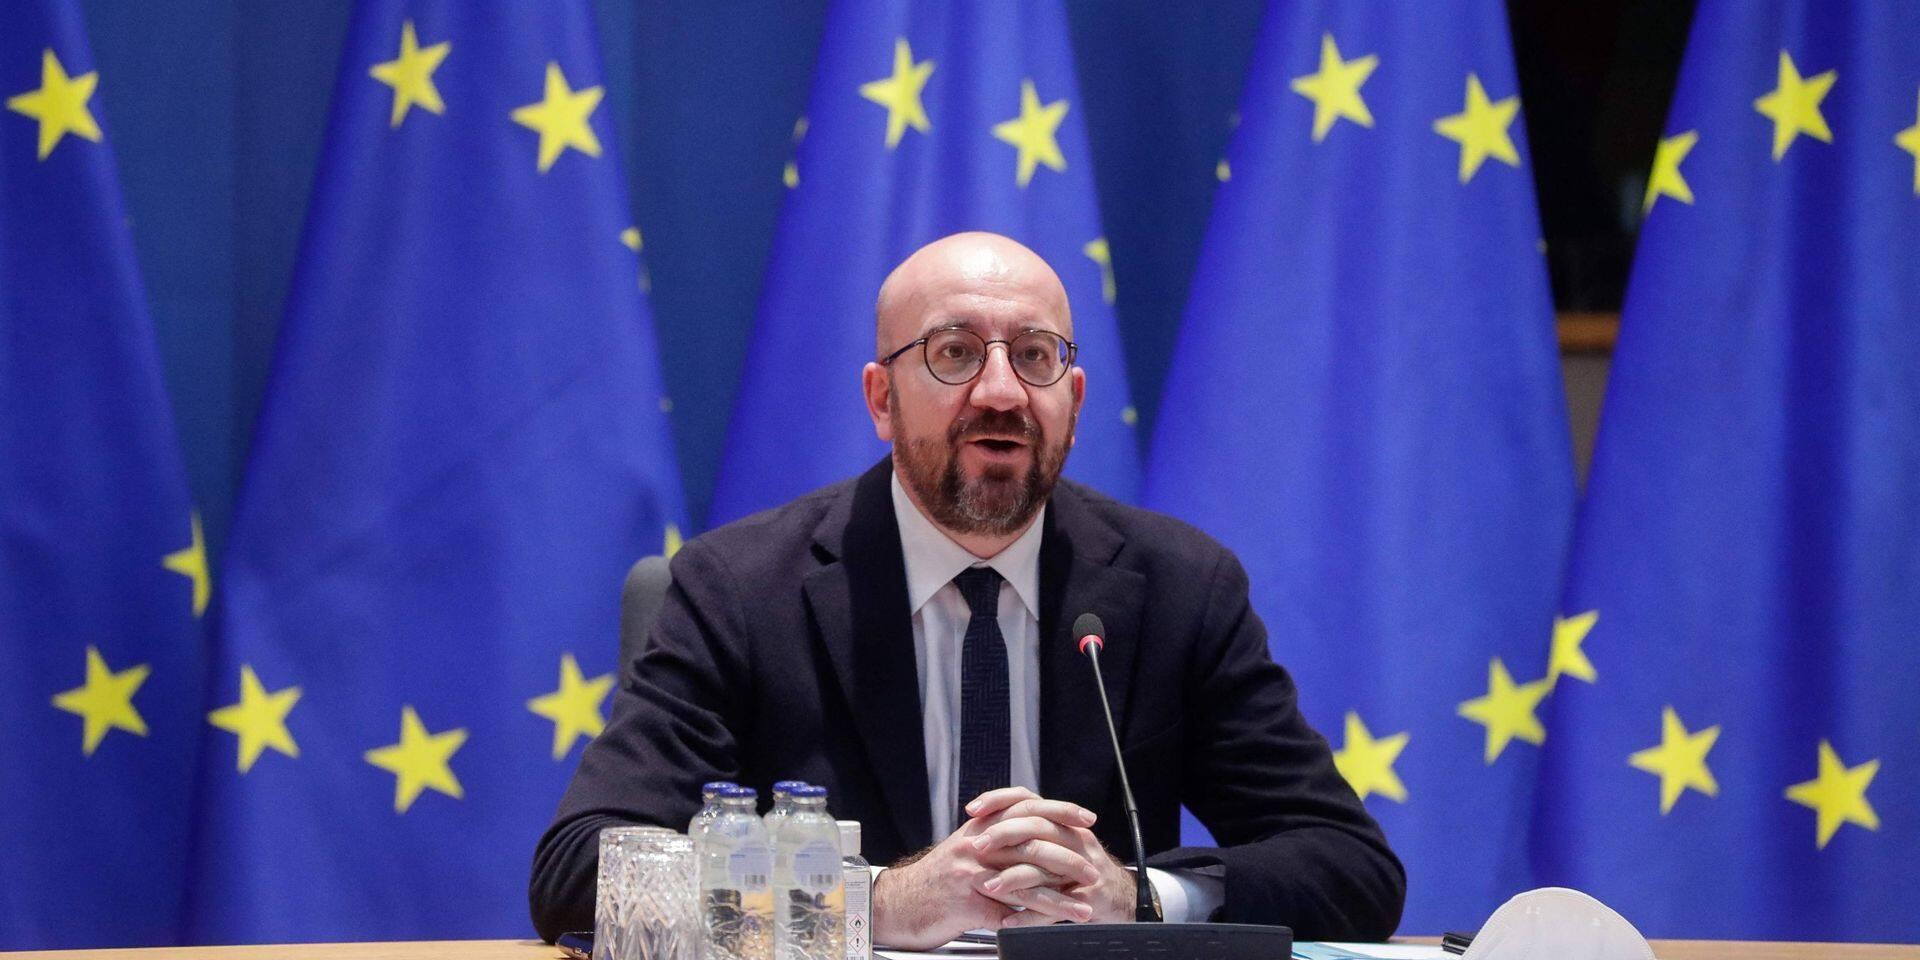 Le sommet européen de jeudi en videoconférence pour cause de flambée du coronavirus